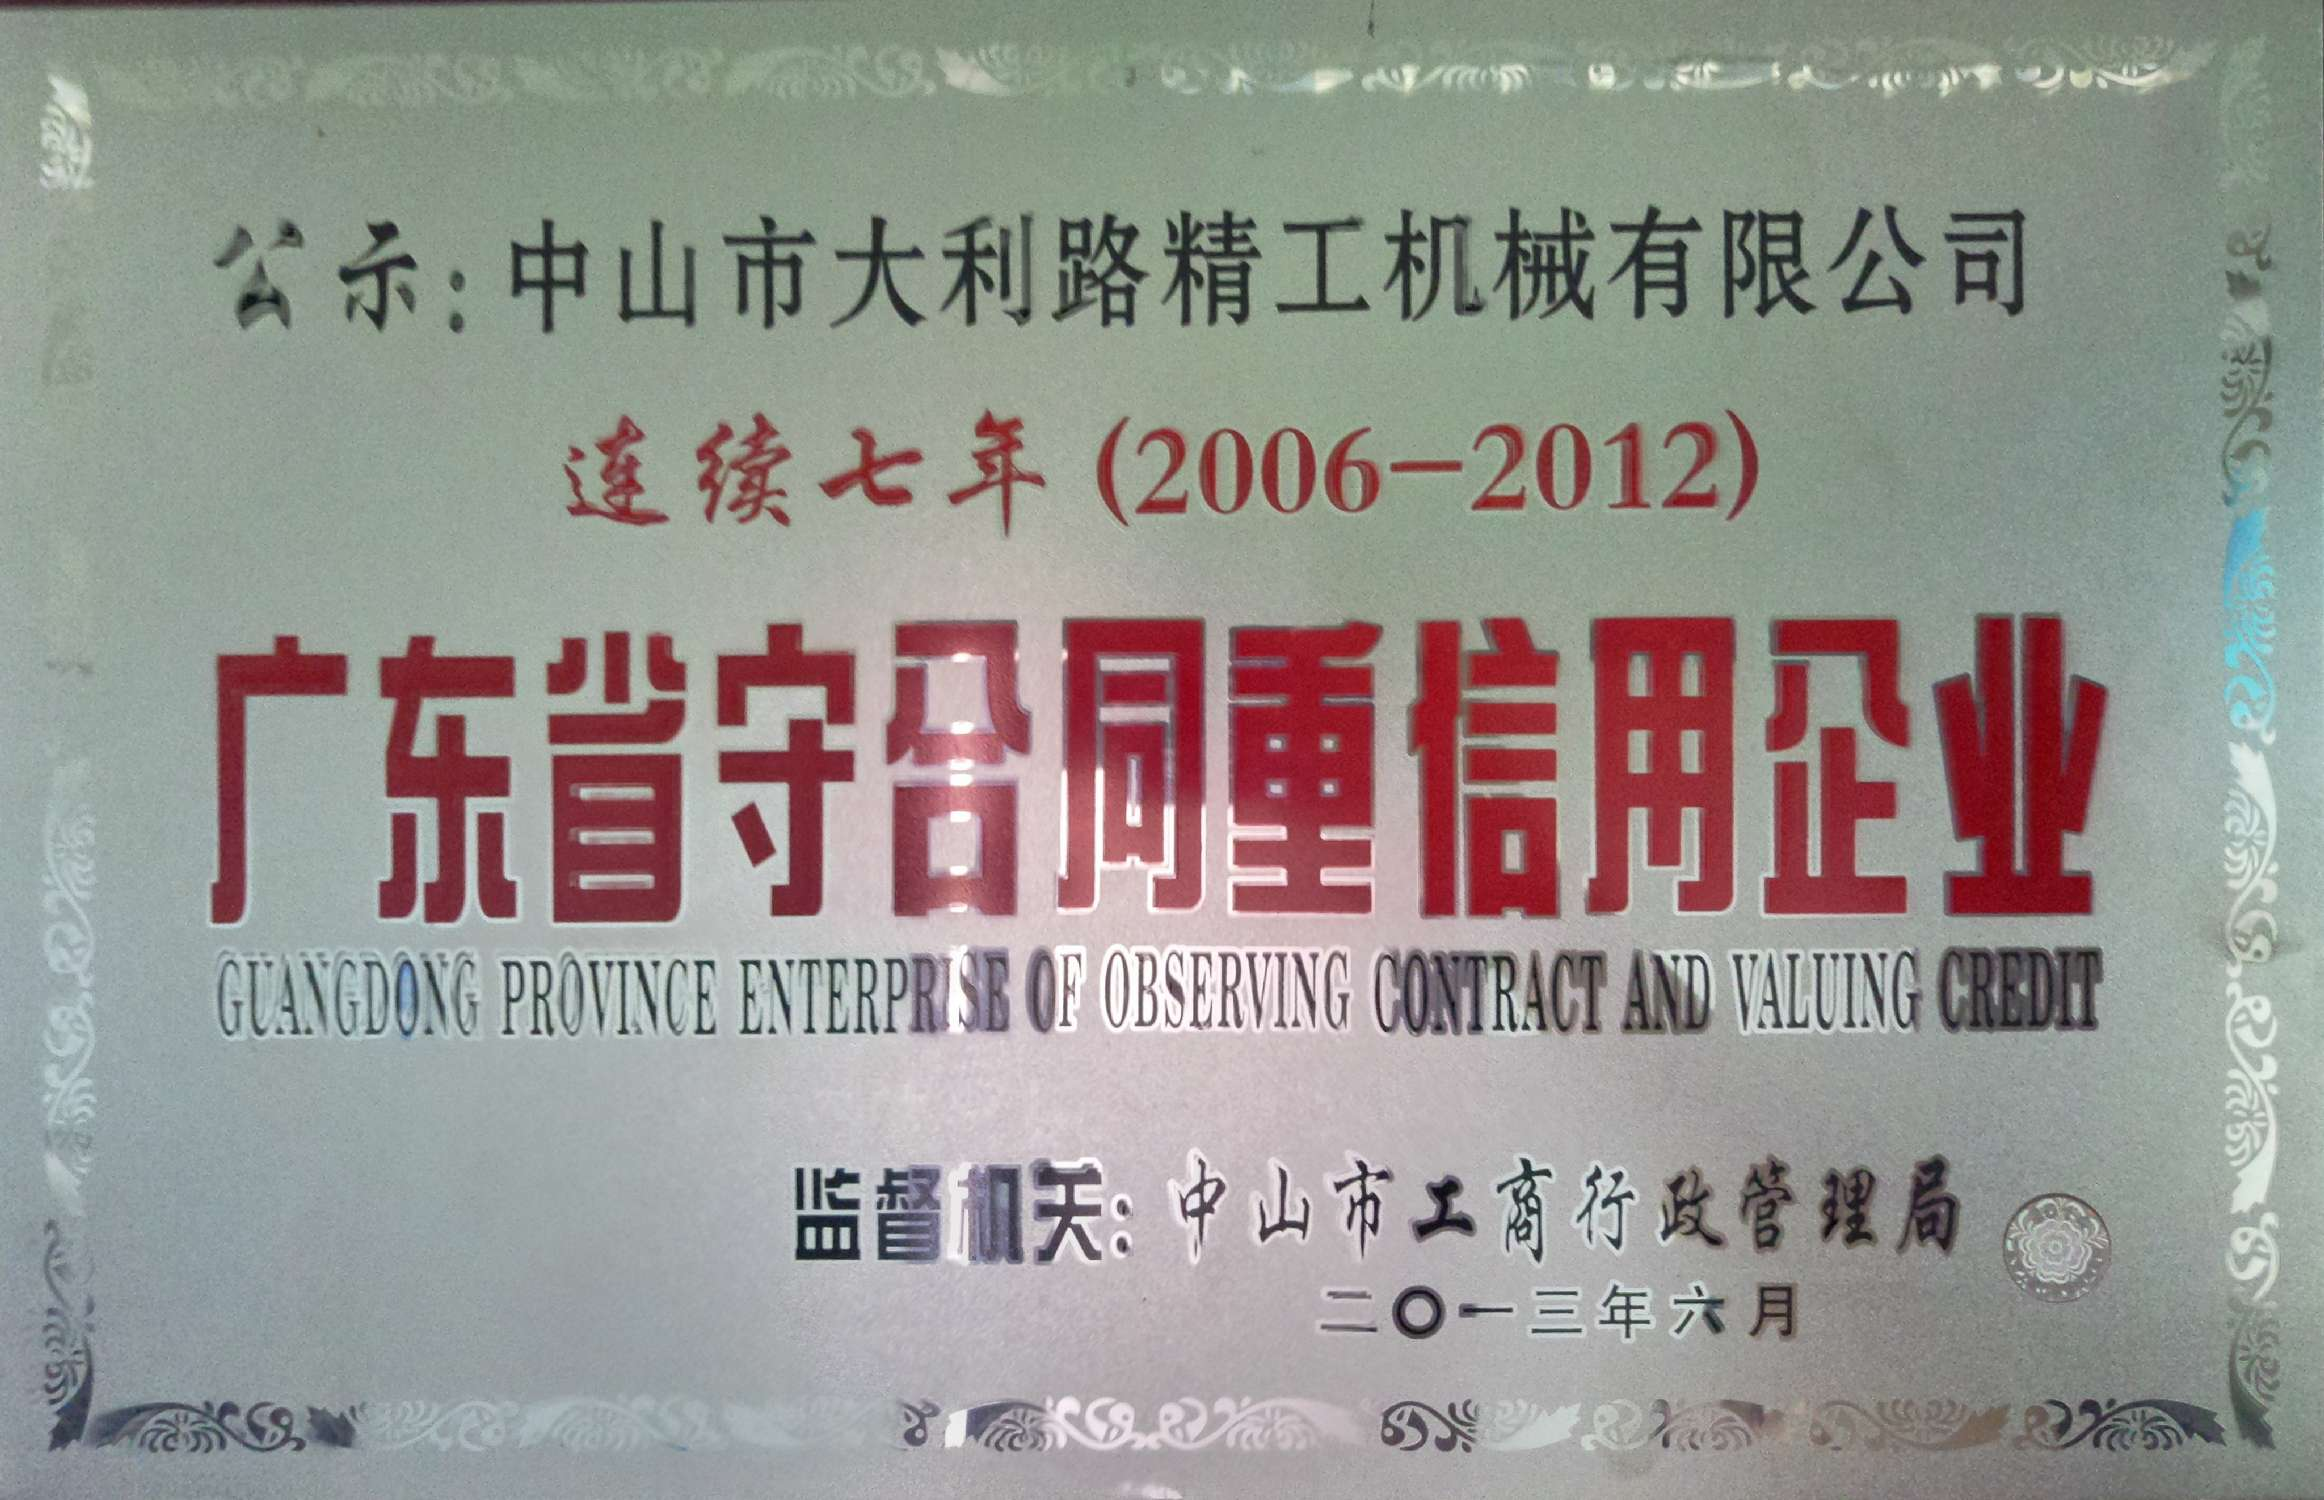 广东省守合同重信用企业(连续七年(2006年-2012年)